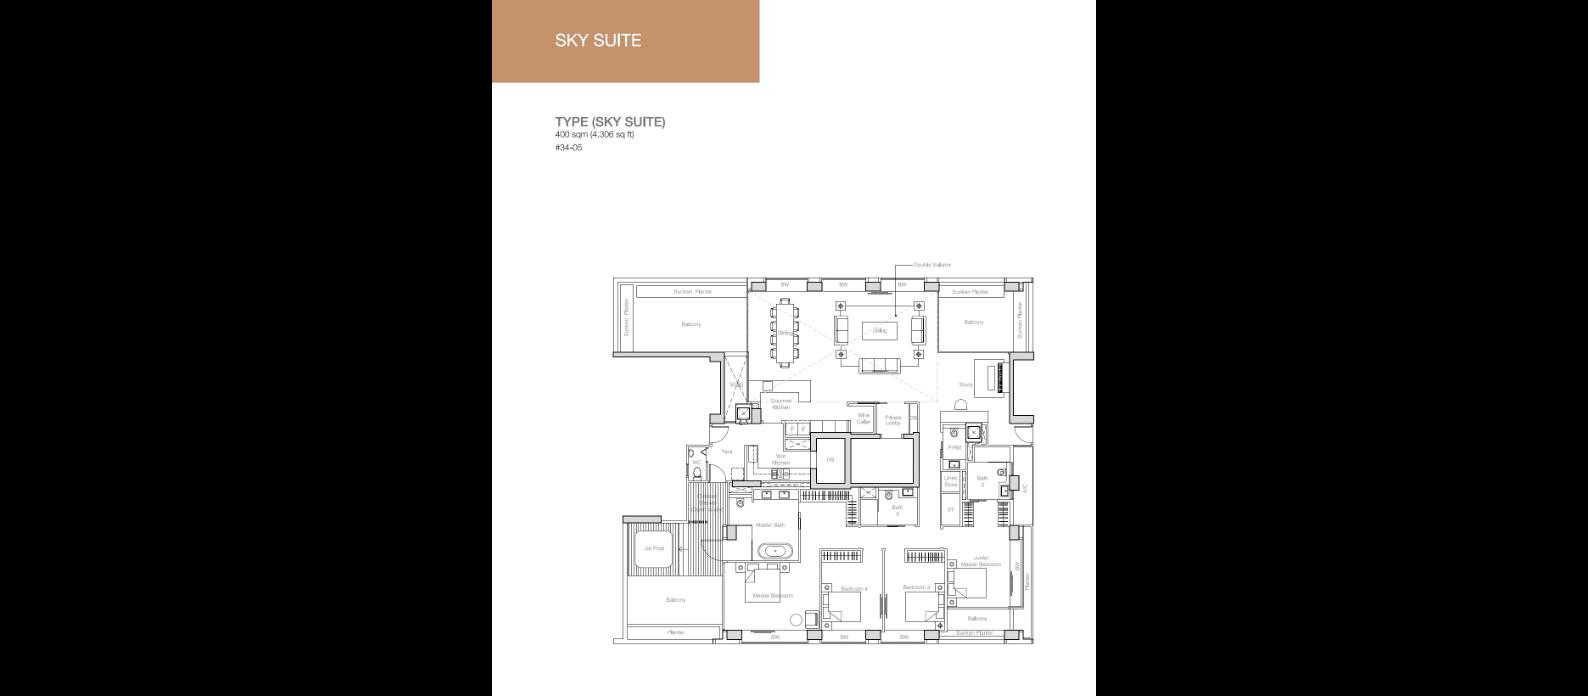 Nouvel 18 floor plan